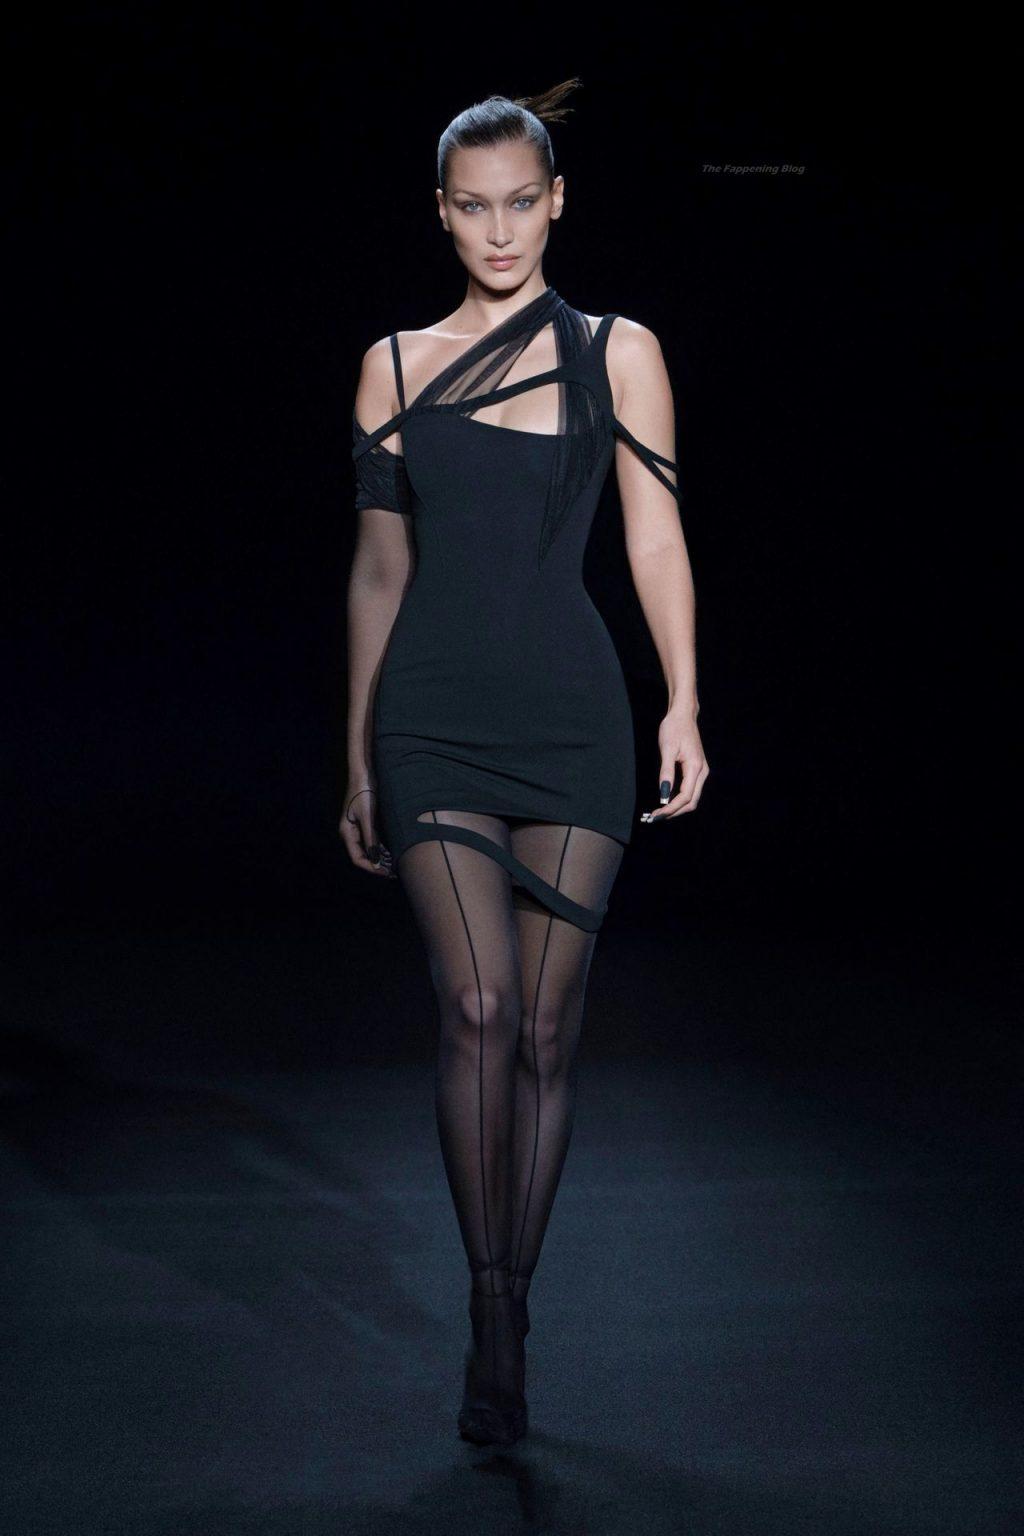 Bella Hadid Looks Hot on the Runway (6 Photos)